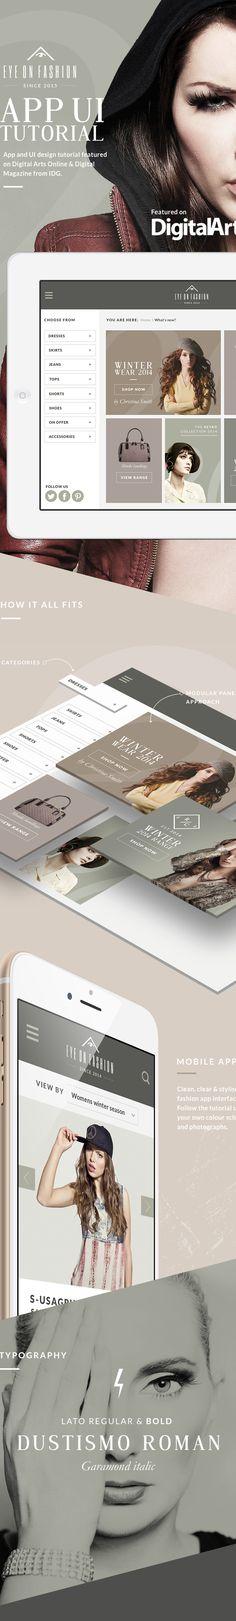 Fashion iPad app UI Tutorial on Digital Arts online on Behance